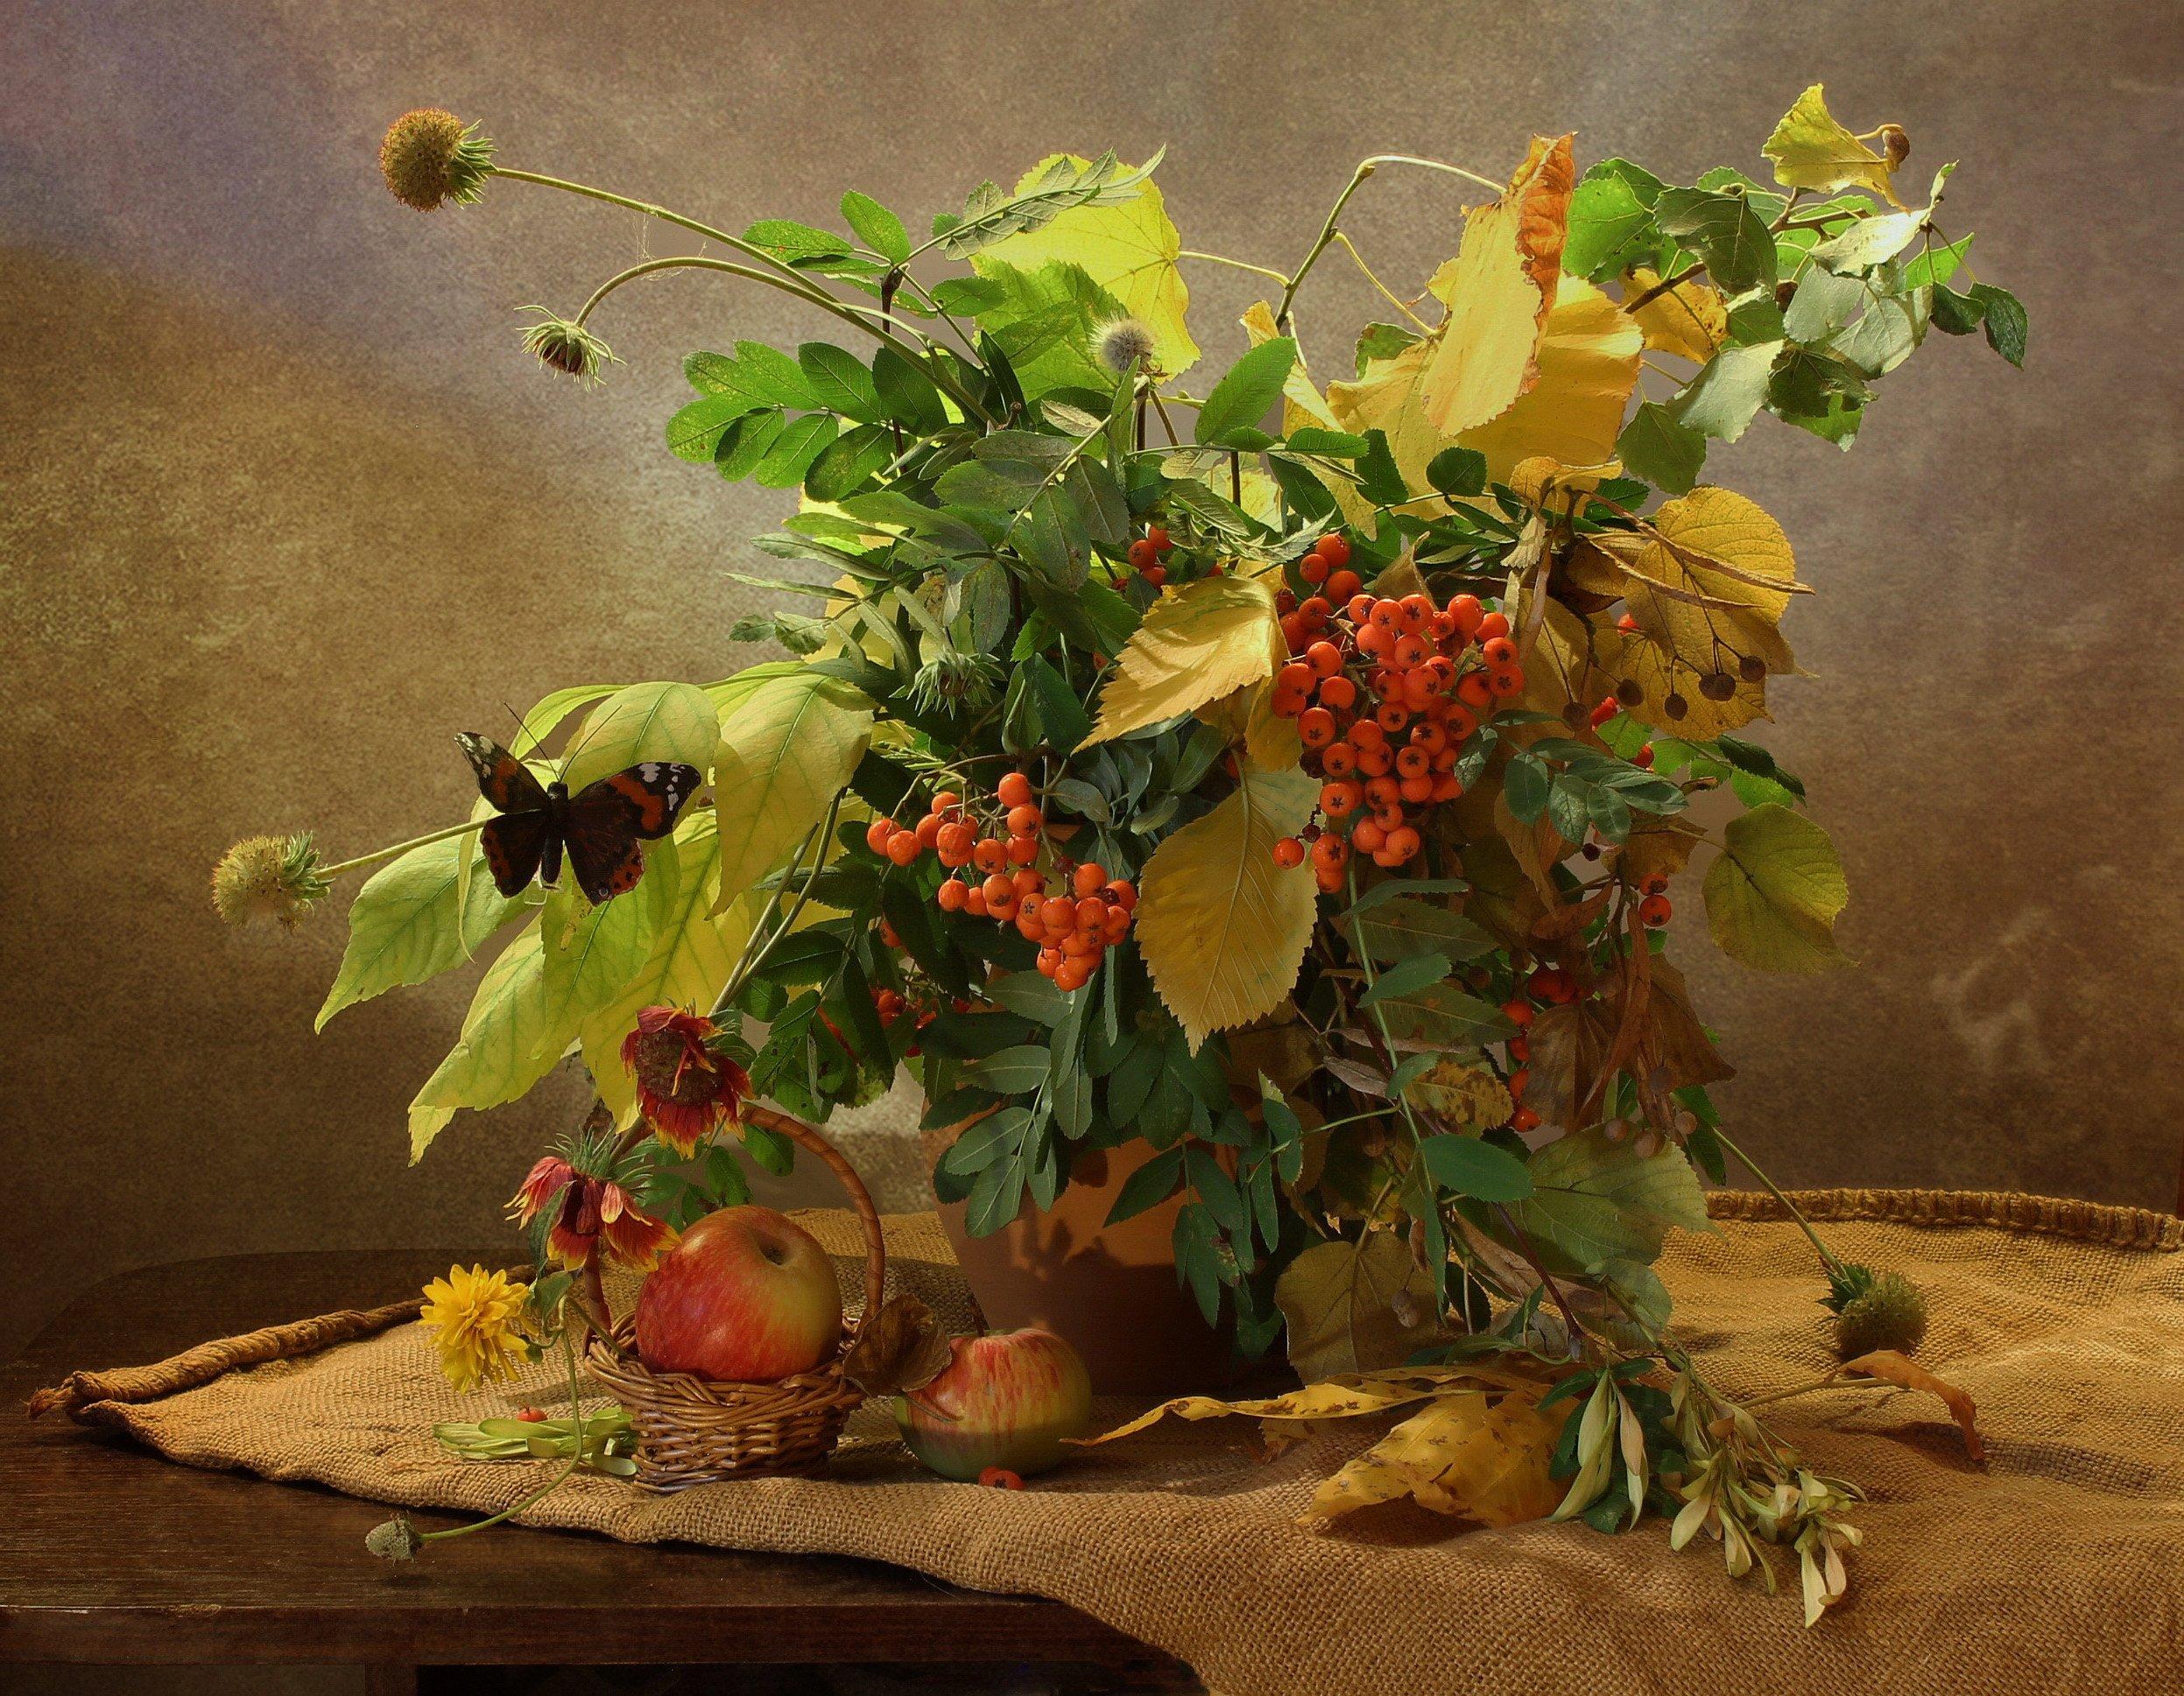 натюрморт, осень, сентябрь, цветы, листья, рябина, яблоки, Ковалева Светлана